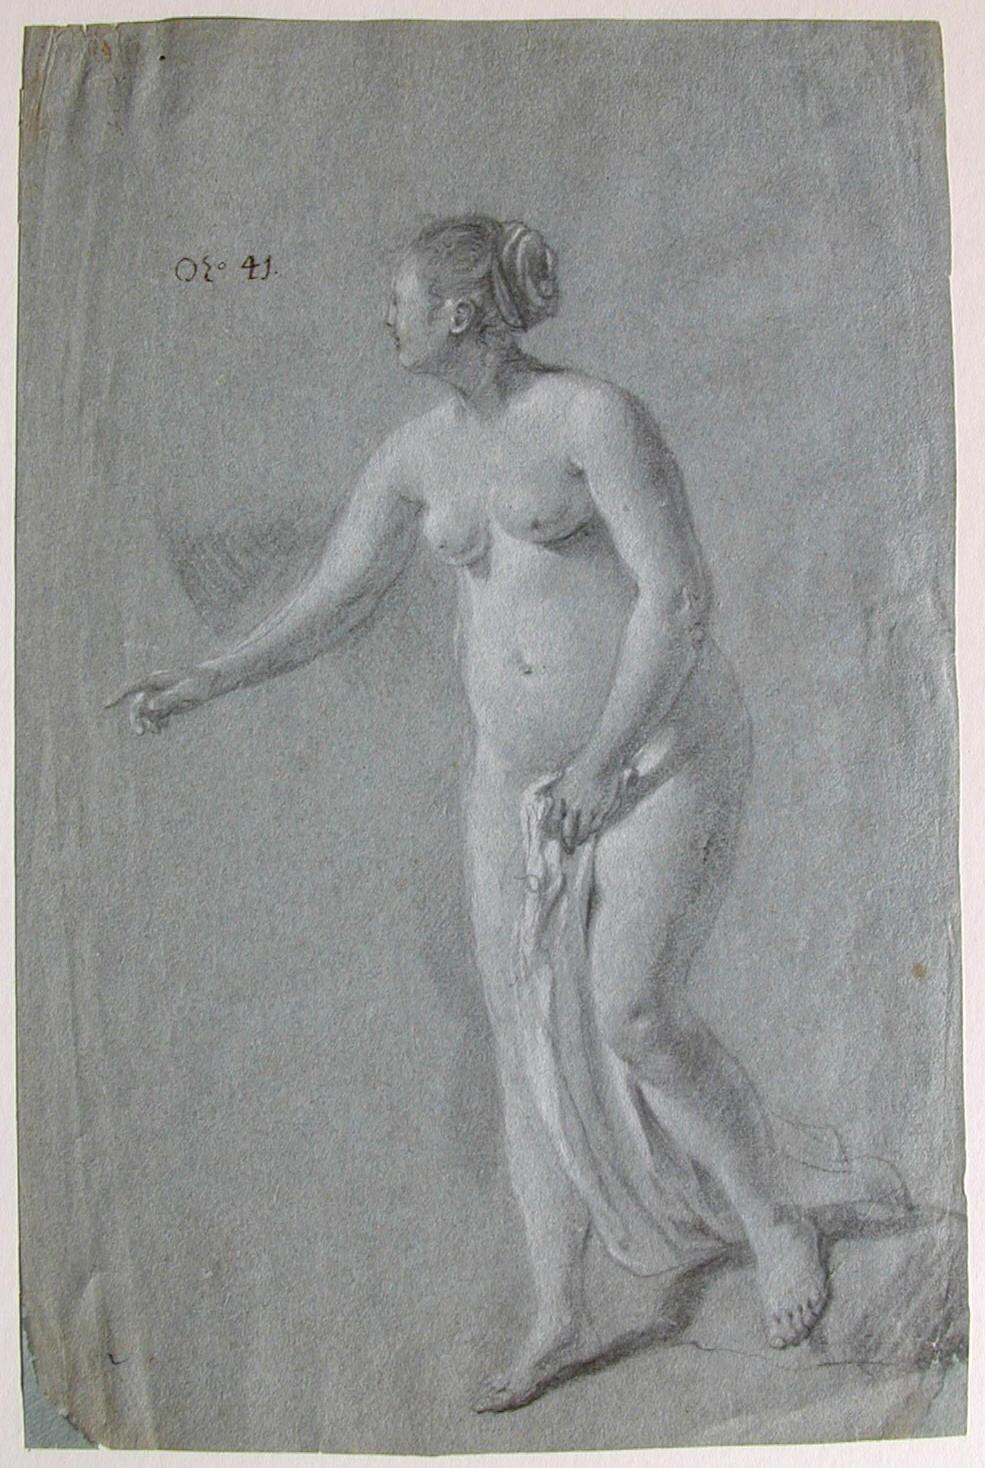 Jacob van Loo, Staand vrouwelijk naakt, particuliere verzameling